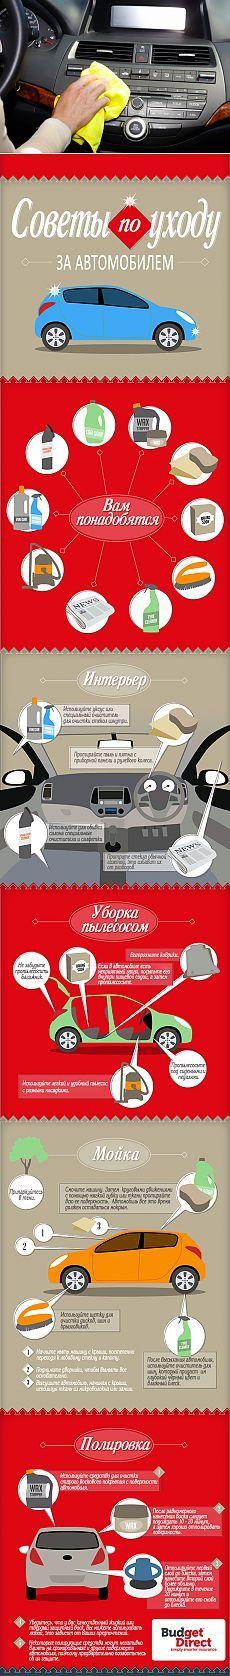 ИНФОГРАФИКА: Как провести генеральную чистку своей машины | Лайфхакер